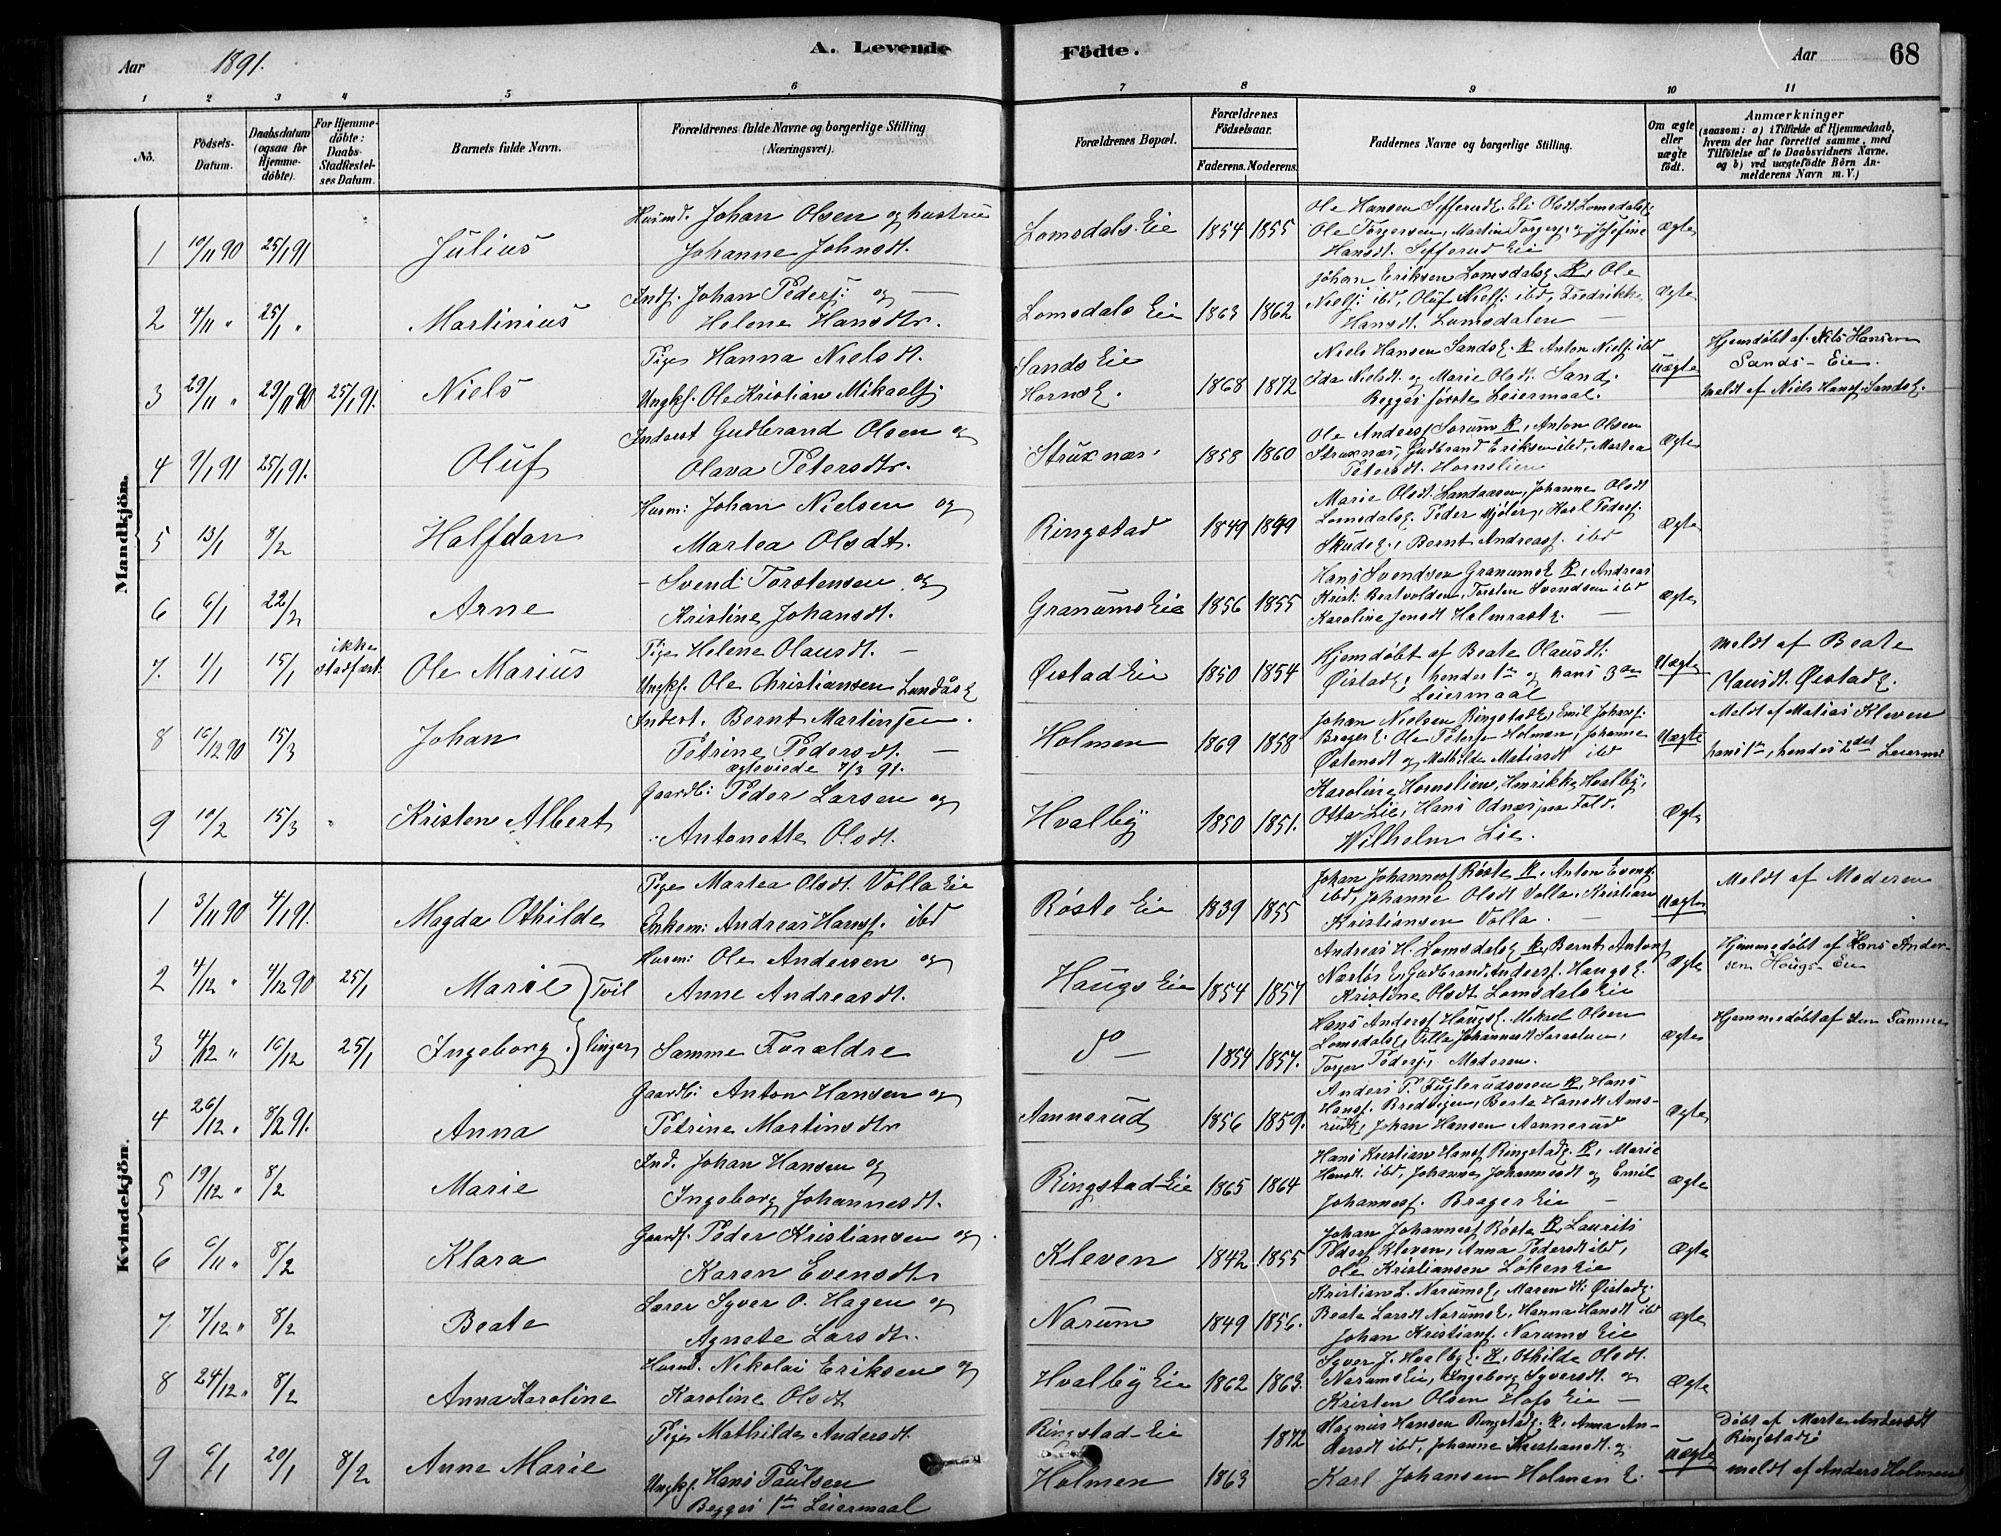 SAH, Søndre Land prestekontor, K/L0003: Ministerialbok nr. 3, 1878-1894, s. 68